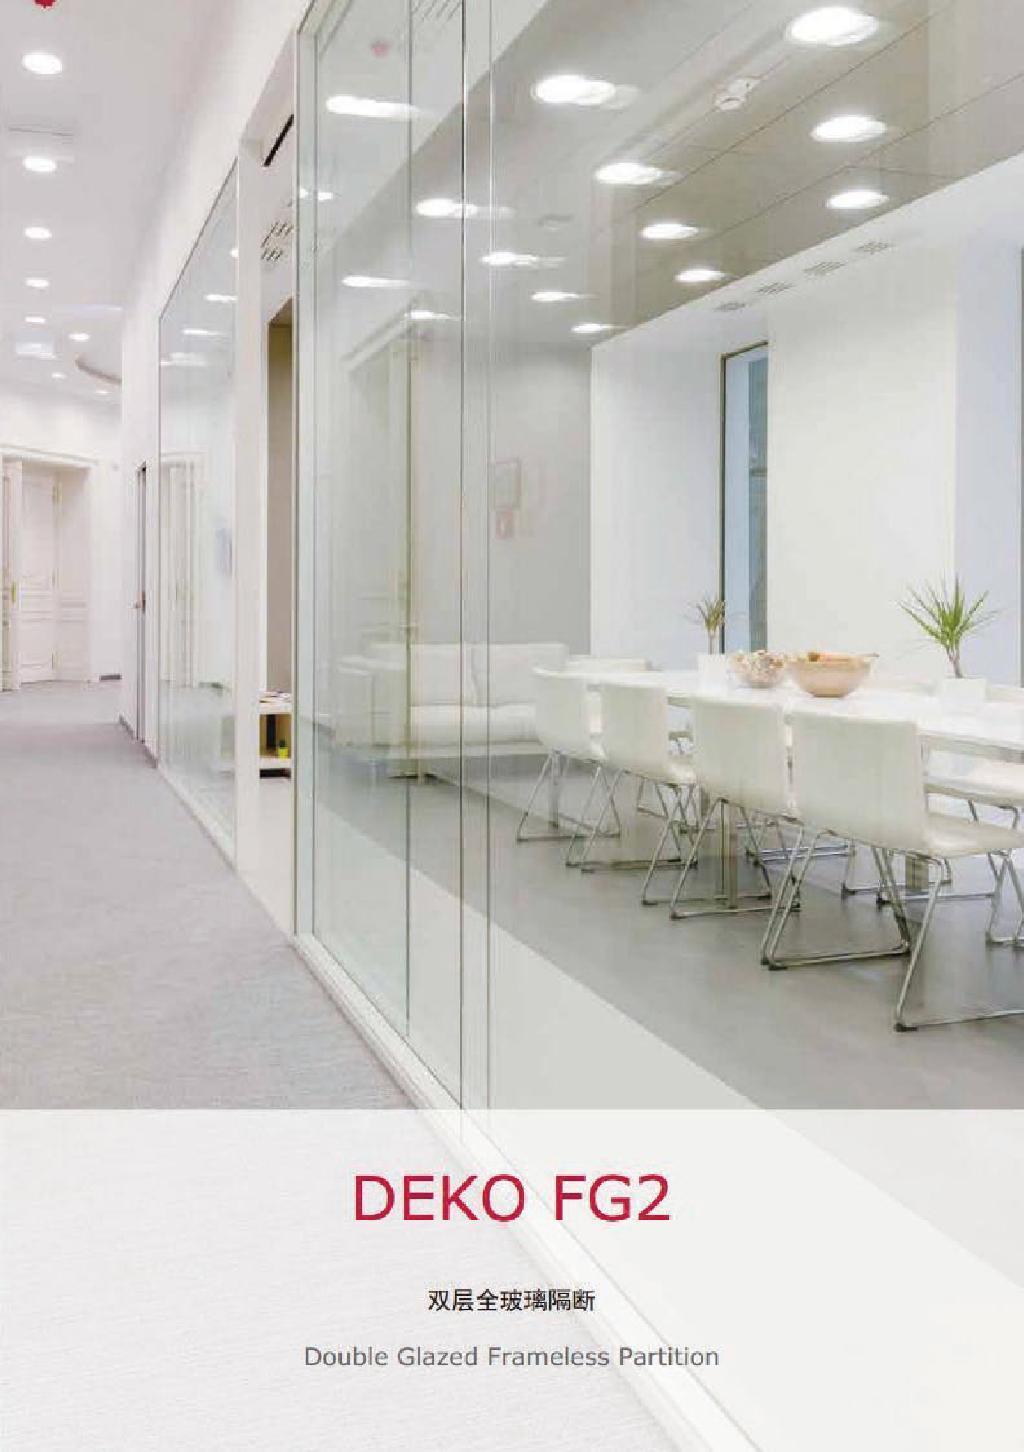 丹麦代高(DEKO) FG2(2016版) 双层全玻璃隔断